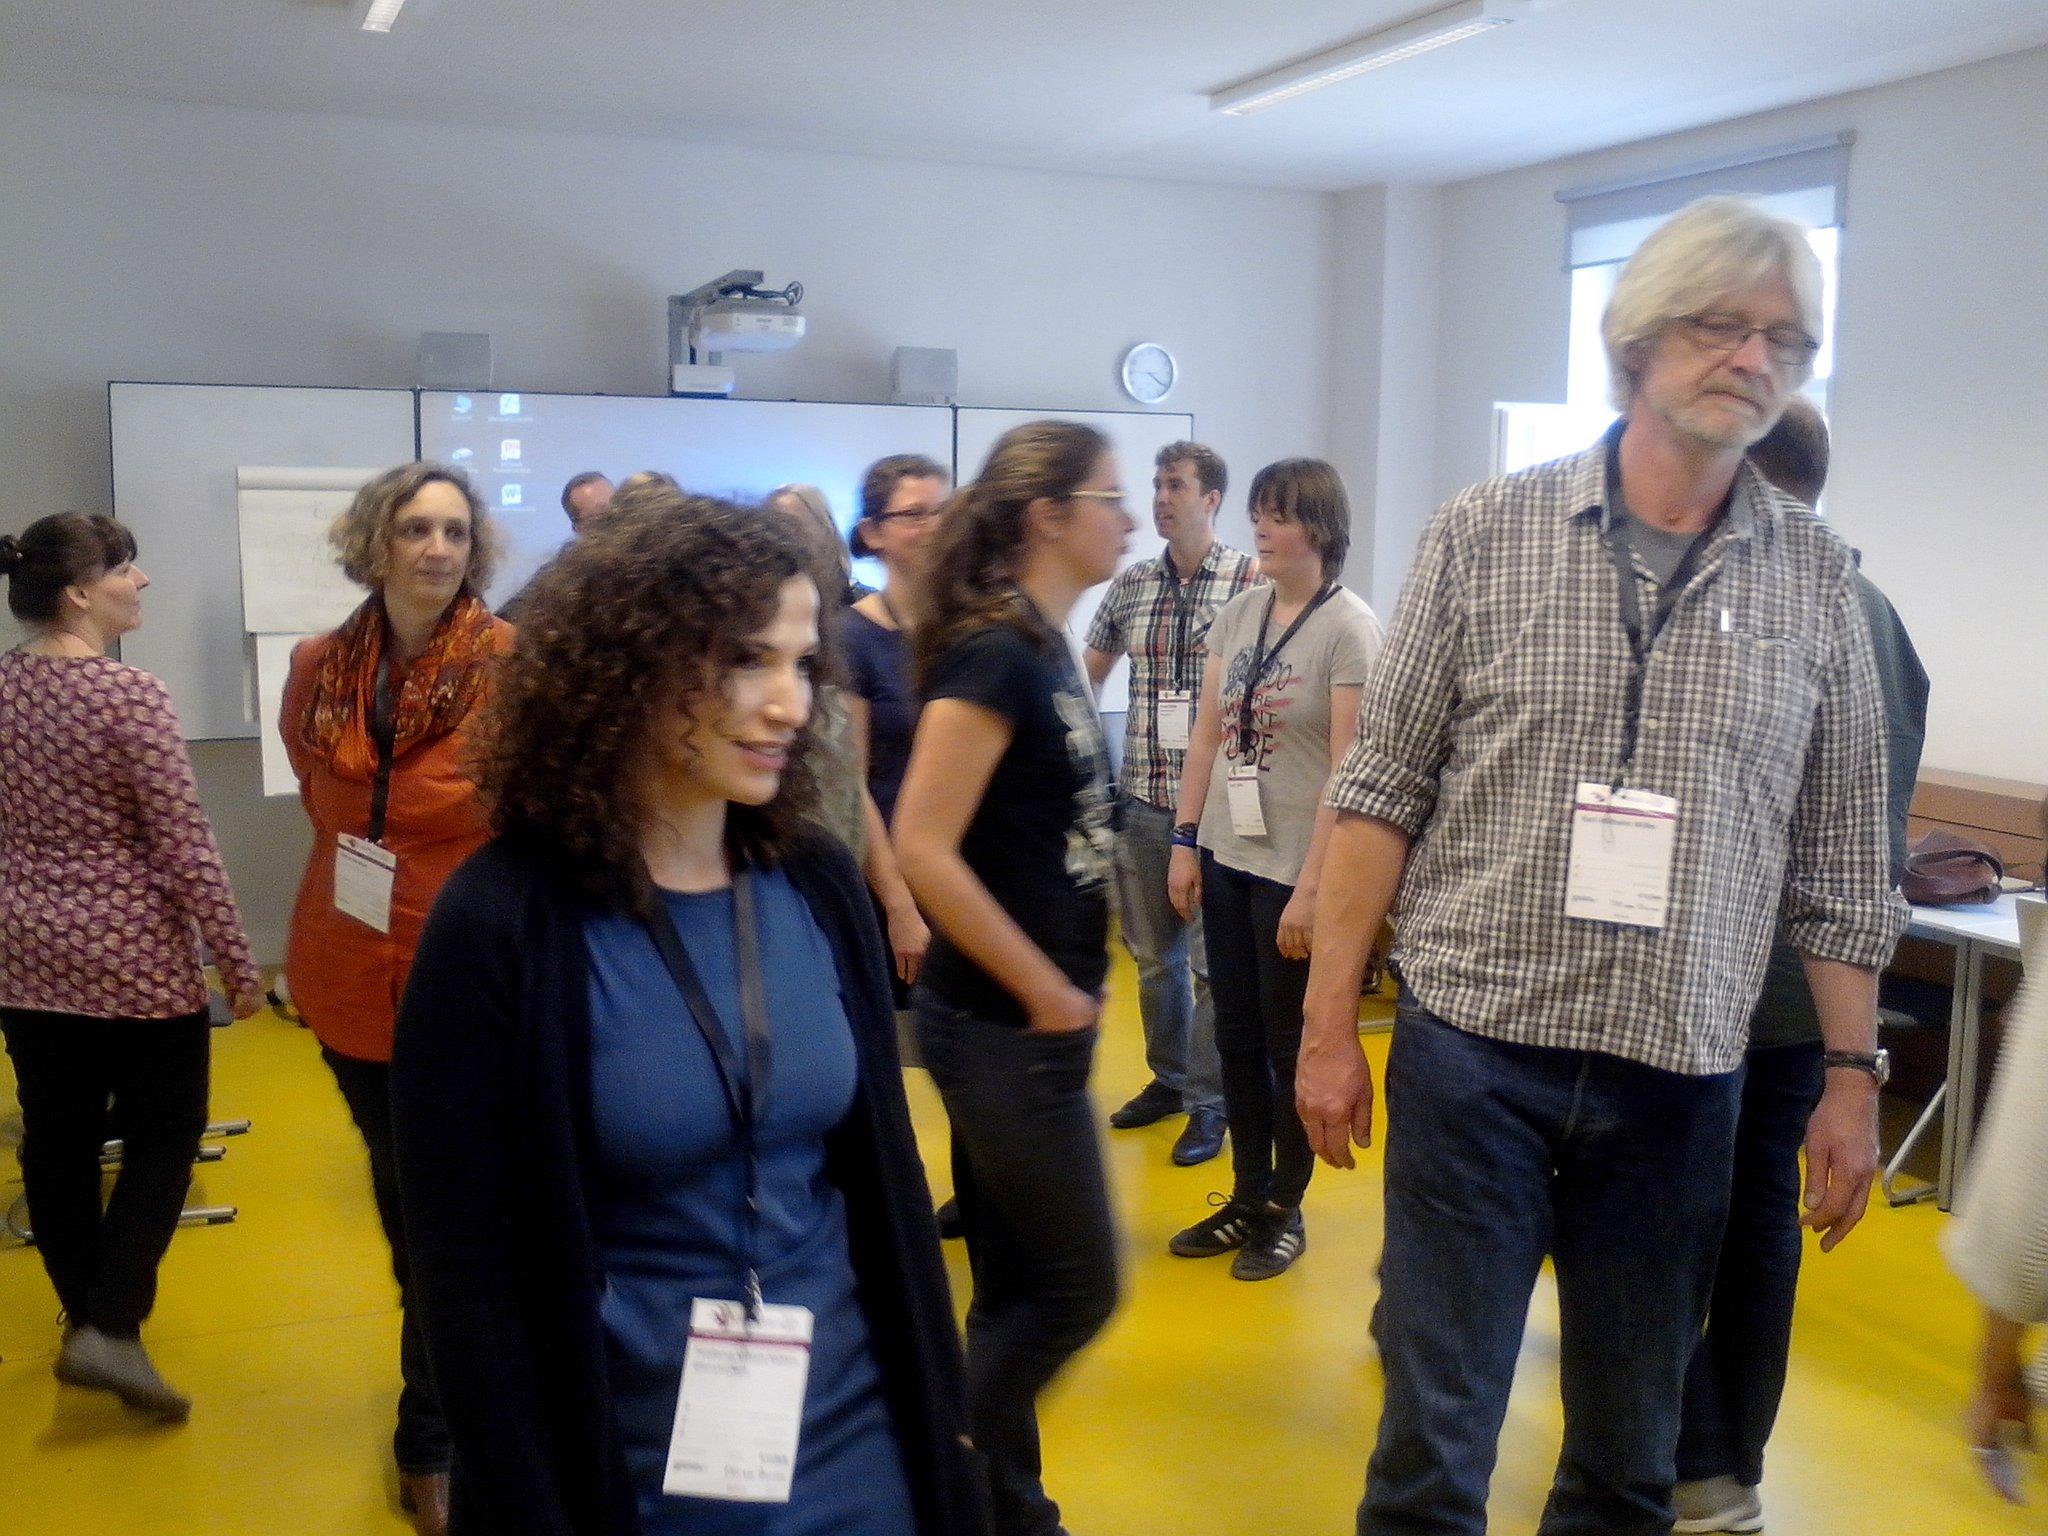 ImproTheater beim #litcampbn17 und alle sind kreativ und spontan. Mit Kreativität #17Ziele #SDGs in Deutschland umsetzen. https://t.co/HcU9St4We7